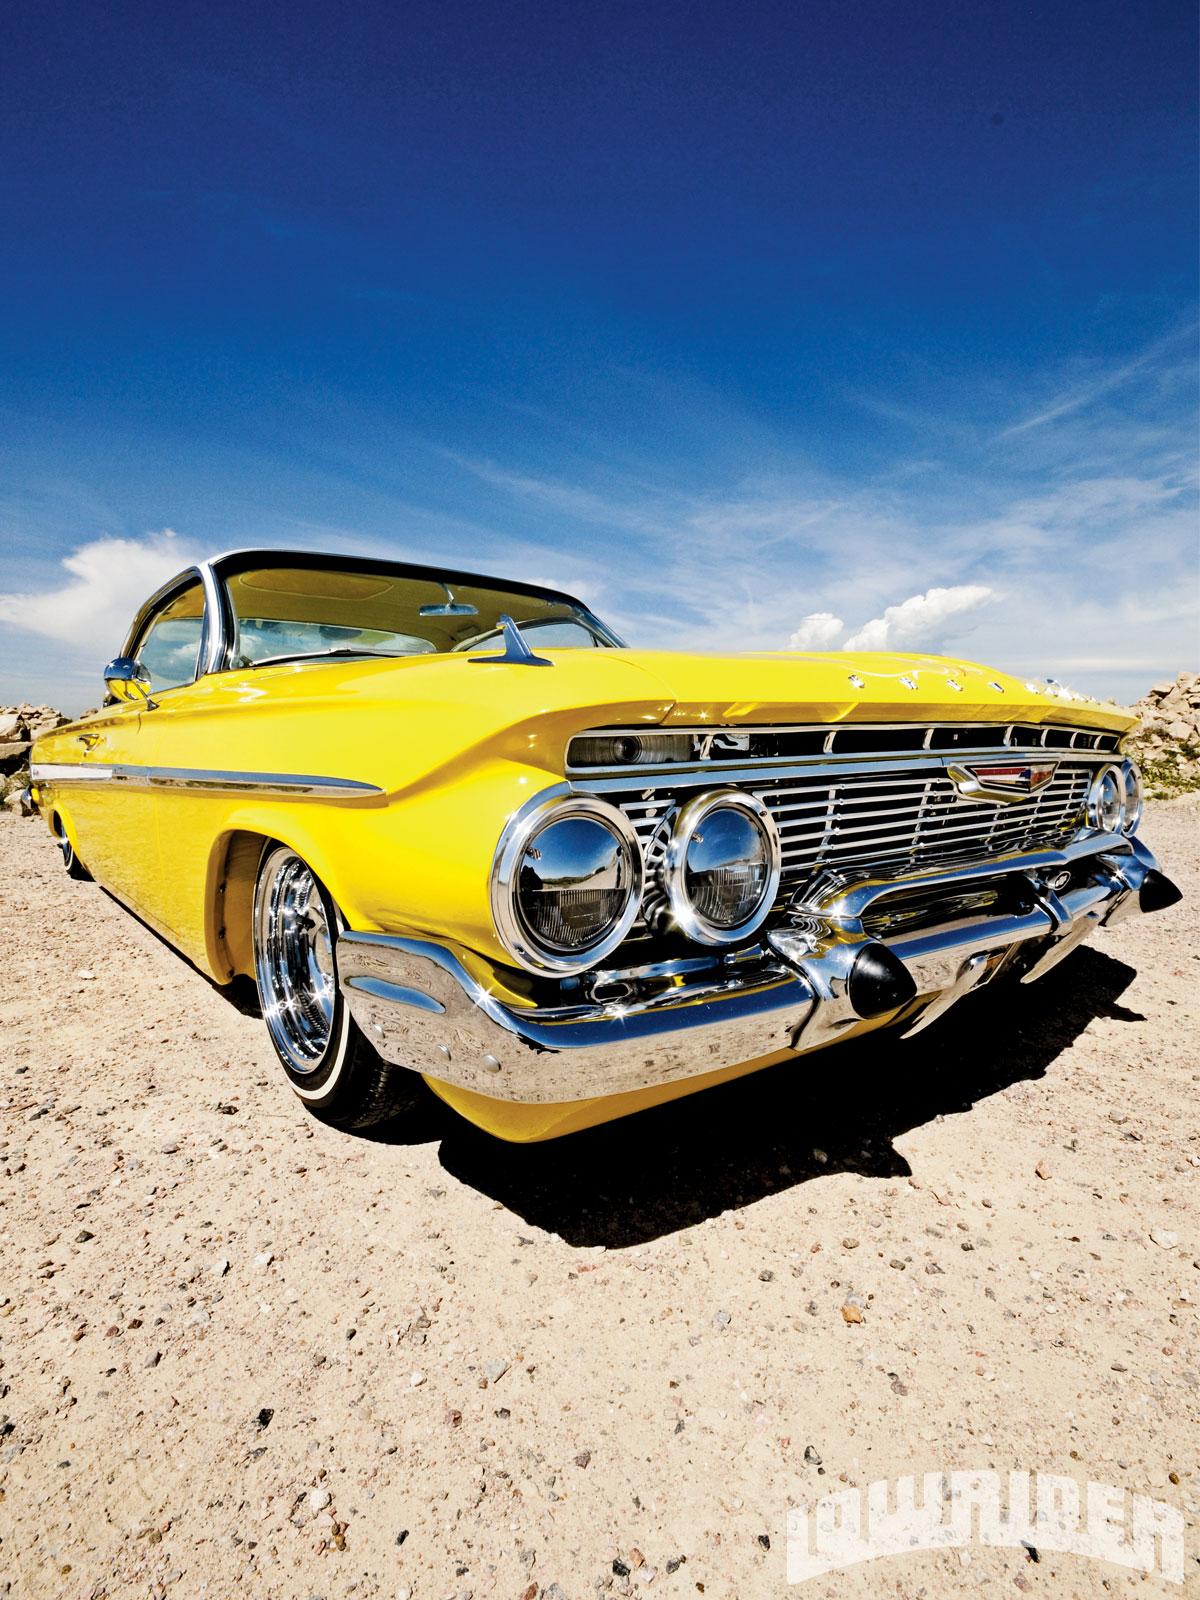 Chevrolet El Paso >> 1961 Chevrolet Impala - Rebuilt V8 283 Engine - Lowrider ...